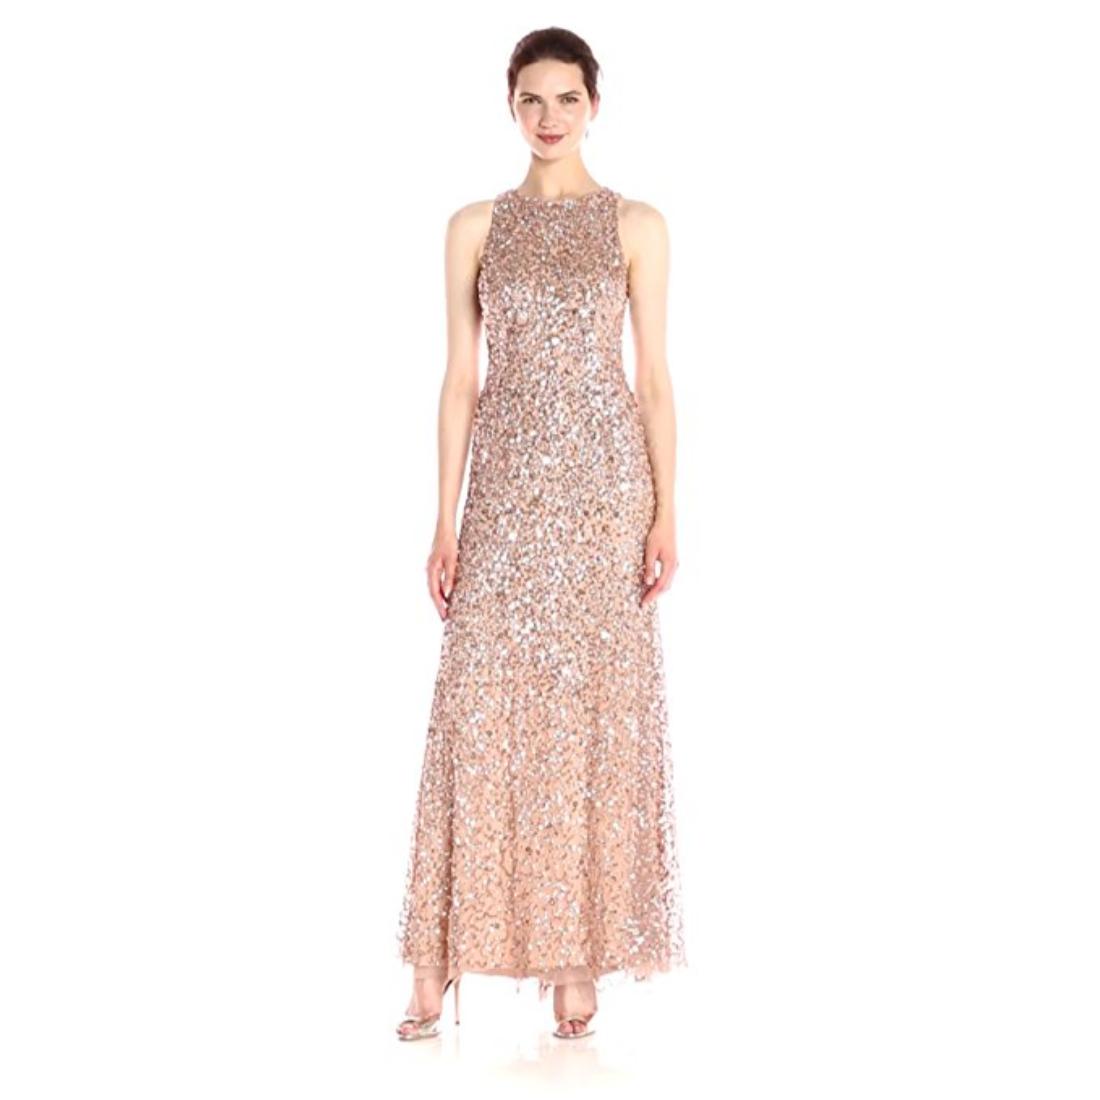 Adrianna Papell Women\'s Sleeveless Beaded Long Halter Gown   eBay